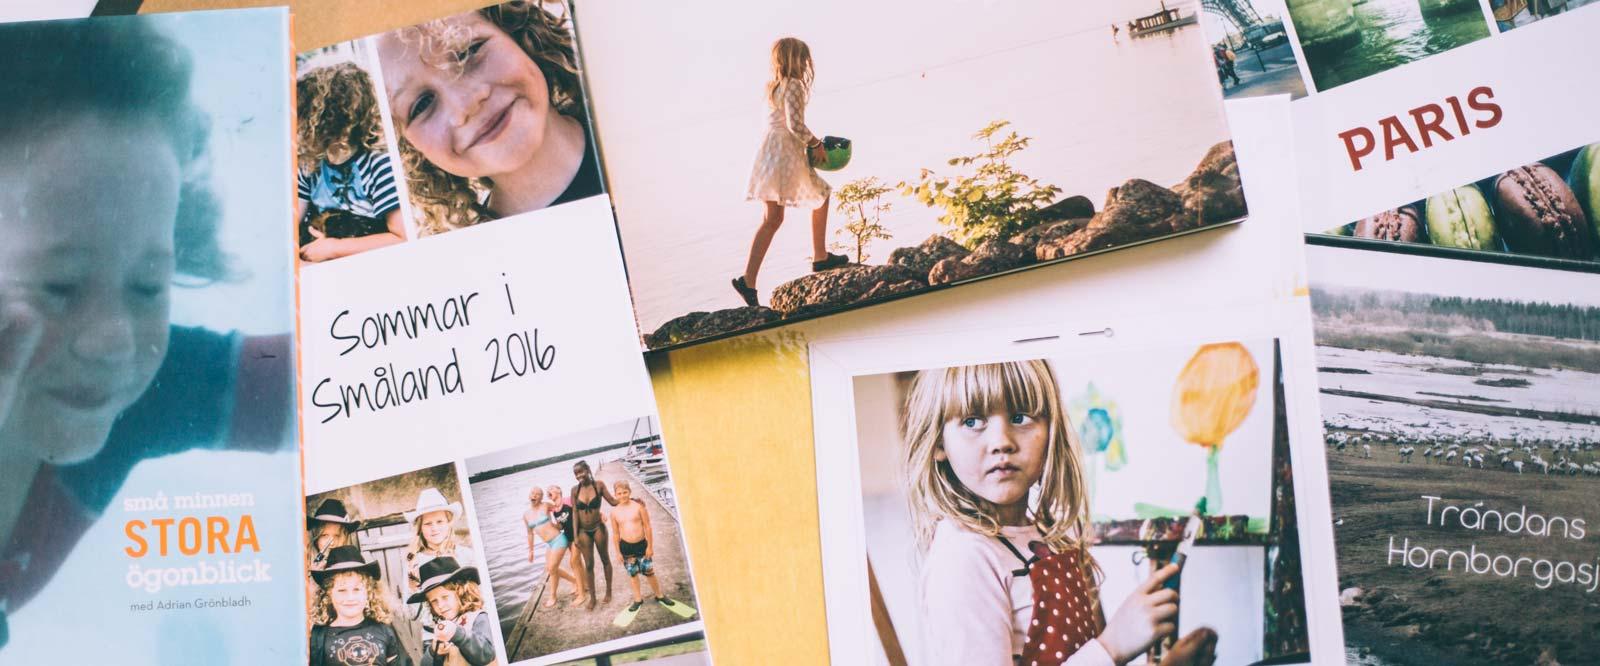 Onlinekurs Skapa din första fotobok - Föreläsning